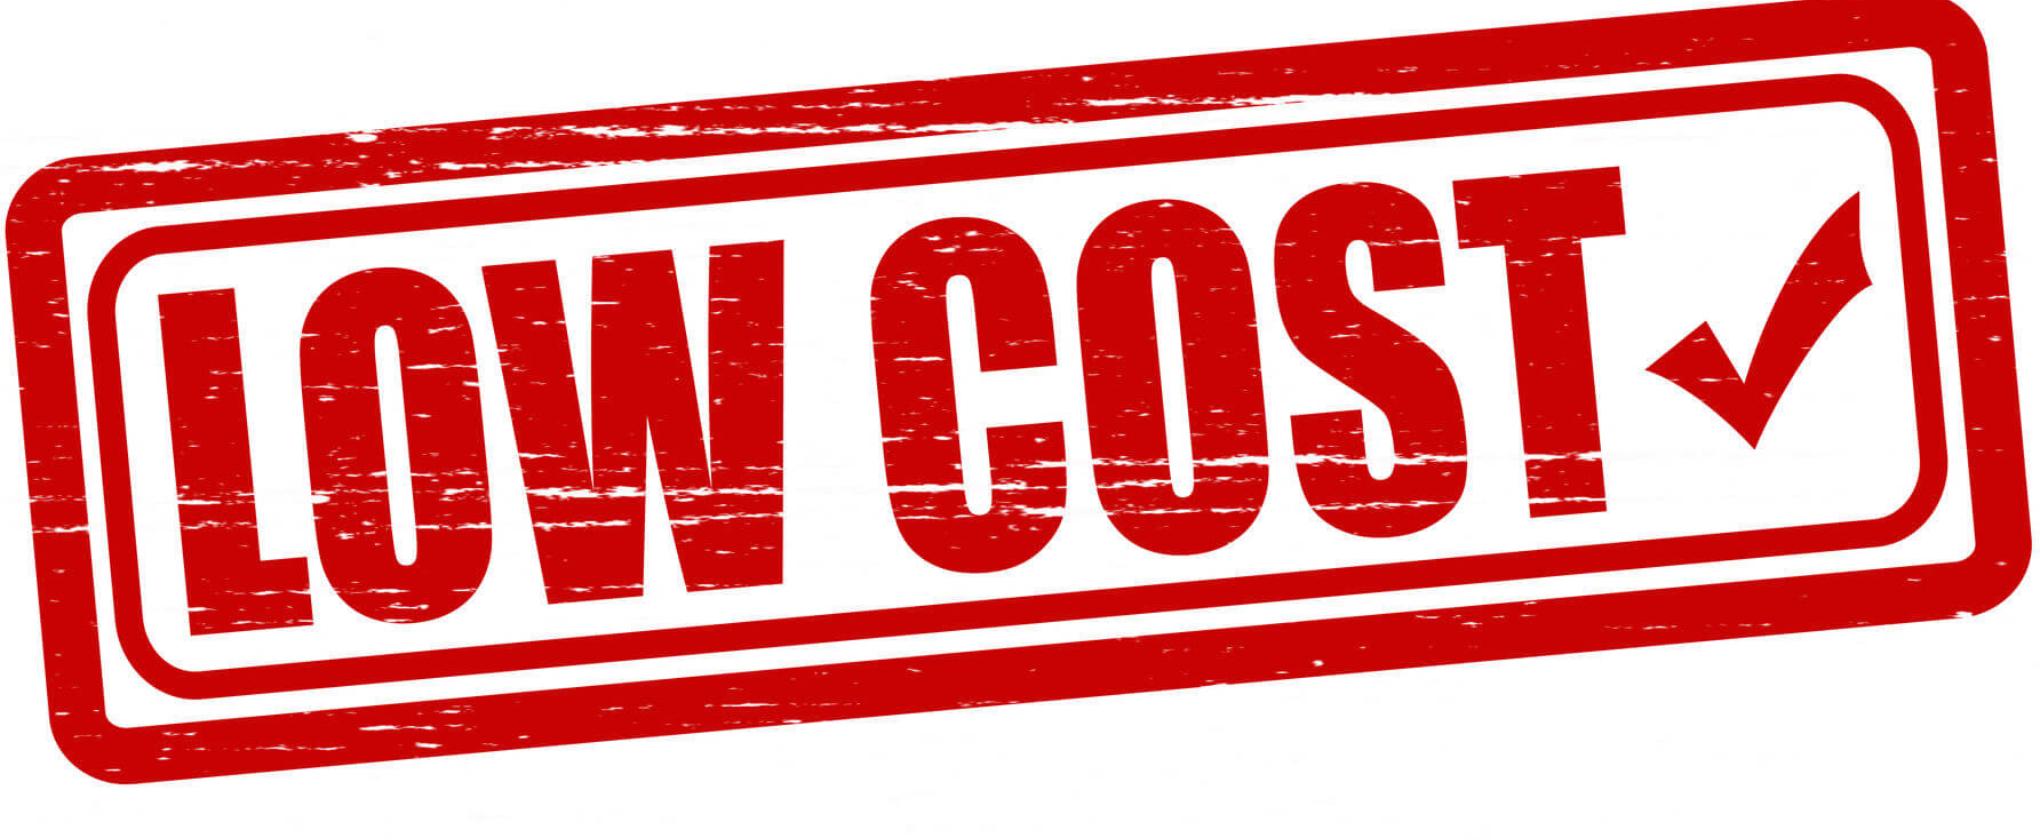 No-Frills Deals and Freebies